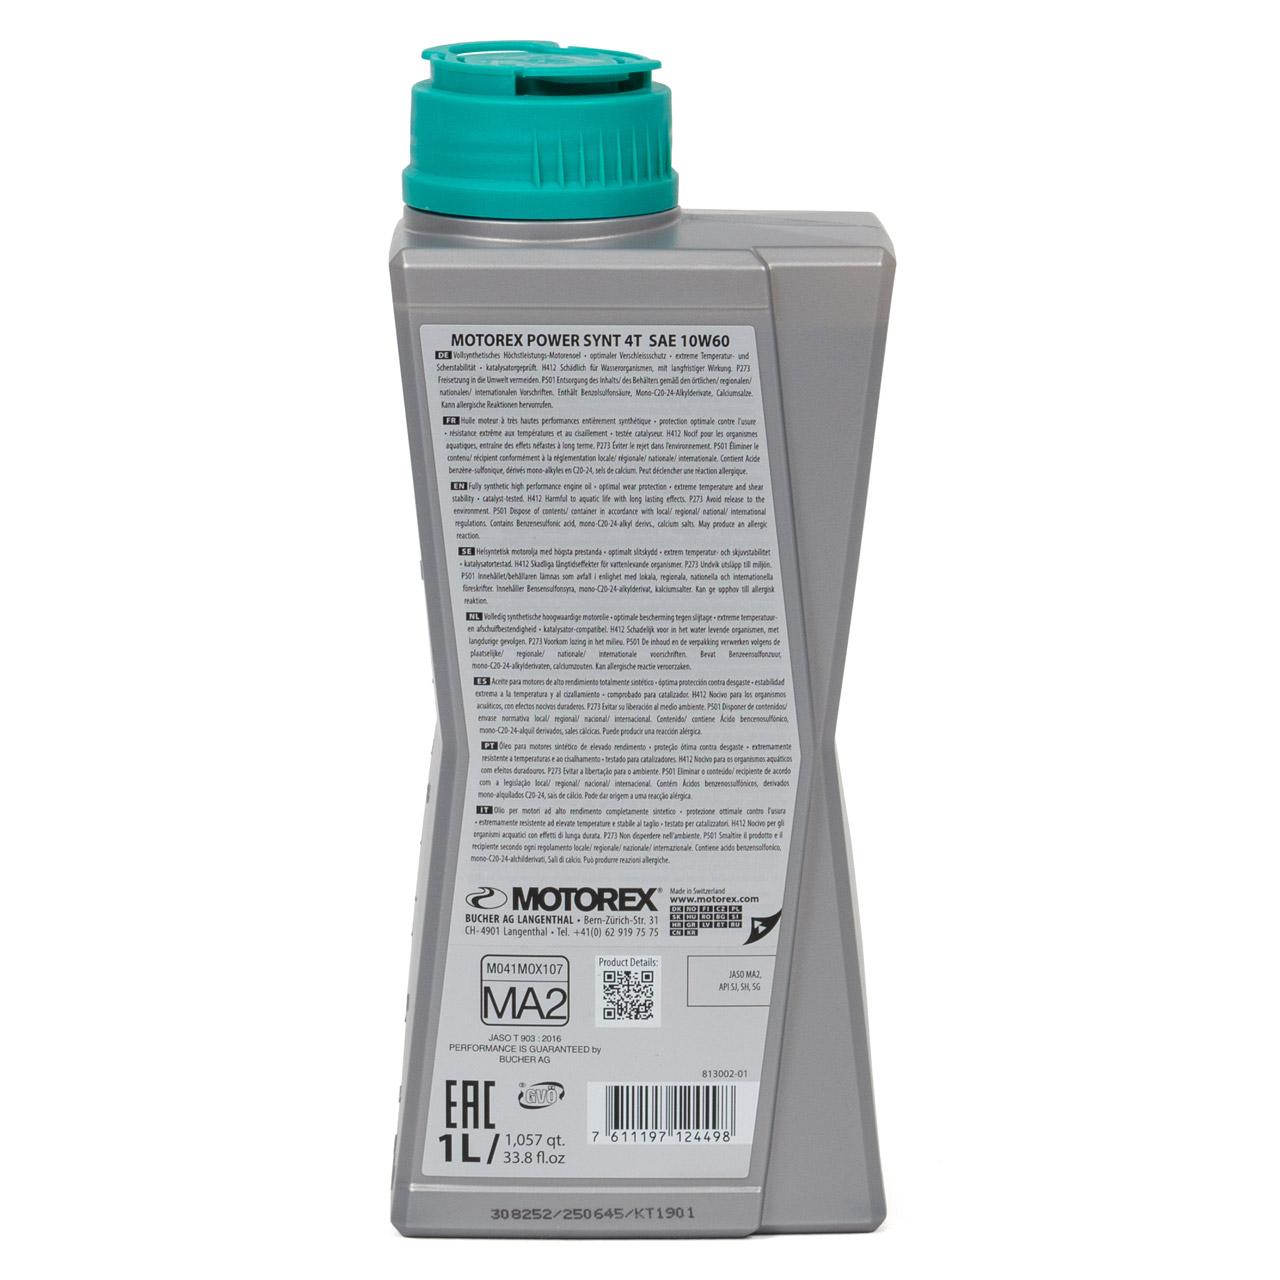 MOTOREX Power Synt 4T Motoröl Öl 10W60 JASO MA2 API SL/SH/SG - 1L 1 Liter